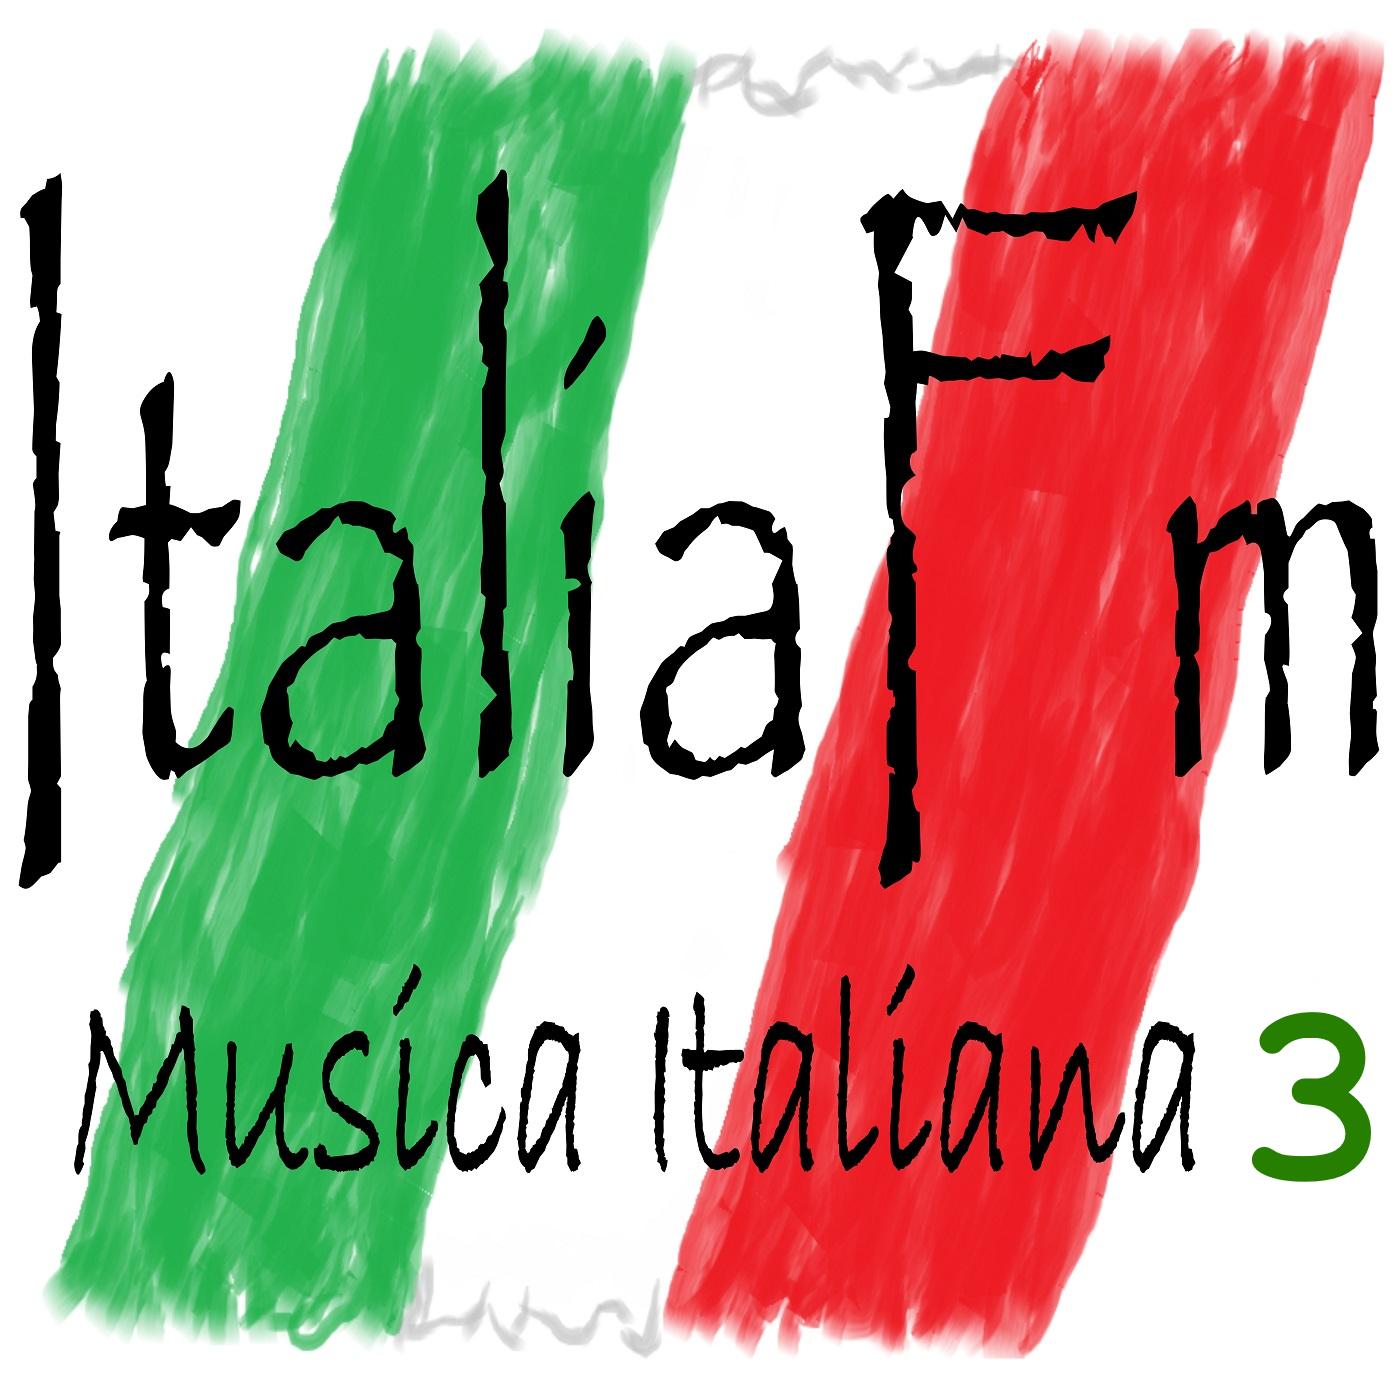 ItaliaFm 3